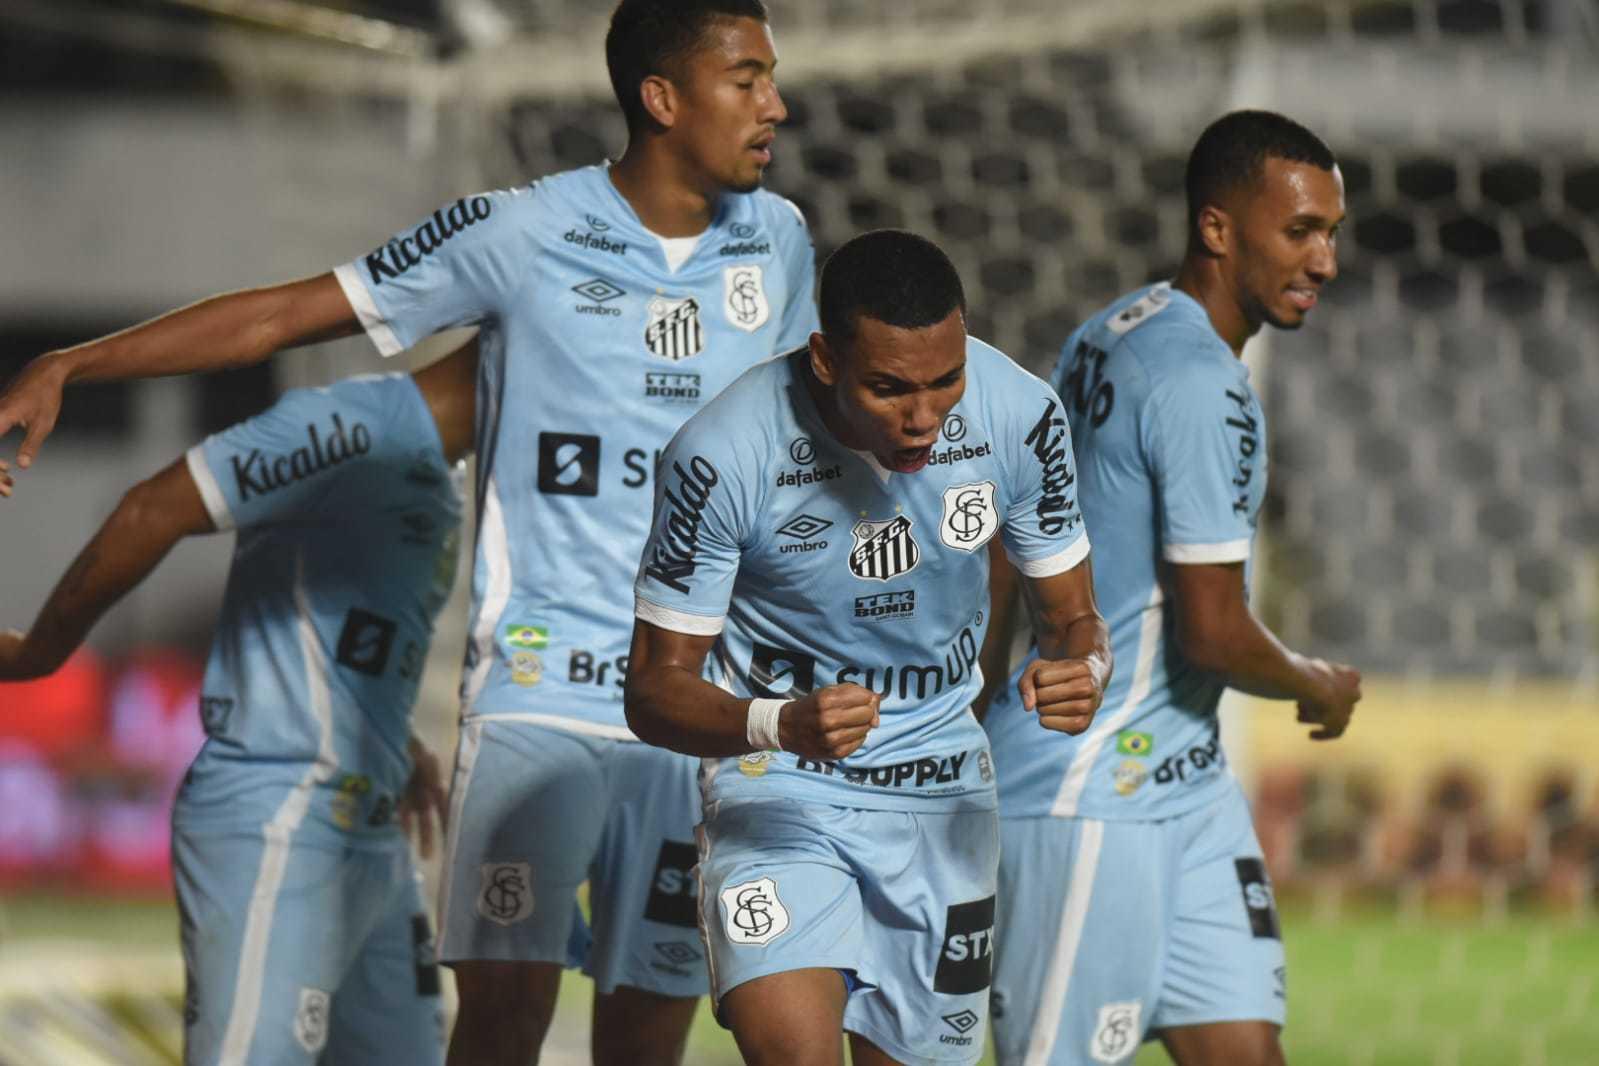 Comemoração dos jogadores do Santos, durante a partida. (Foto: Santos/Fc/ReproduçãoTwitter)